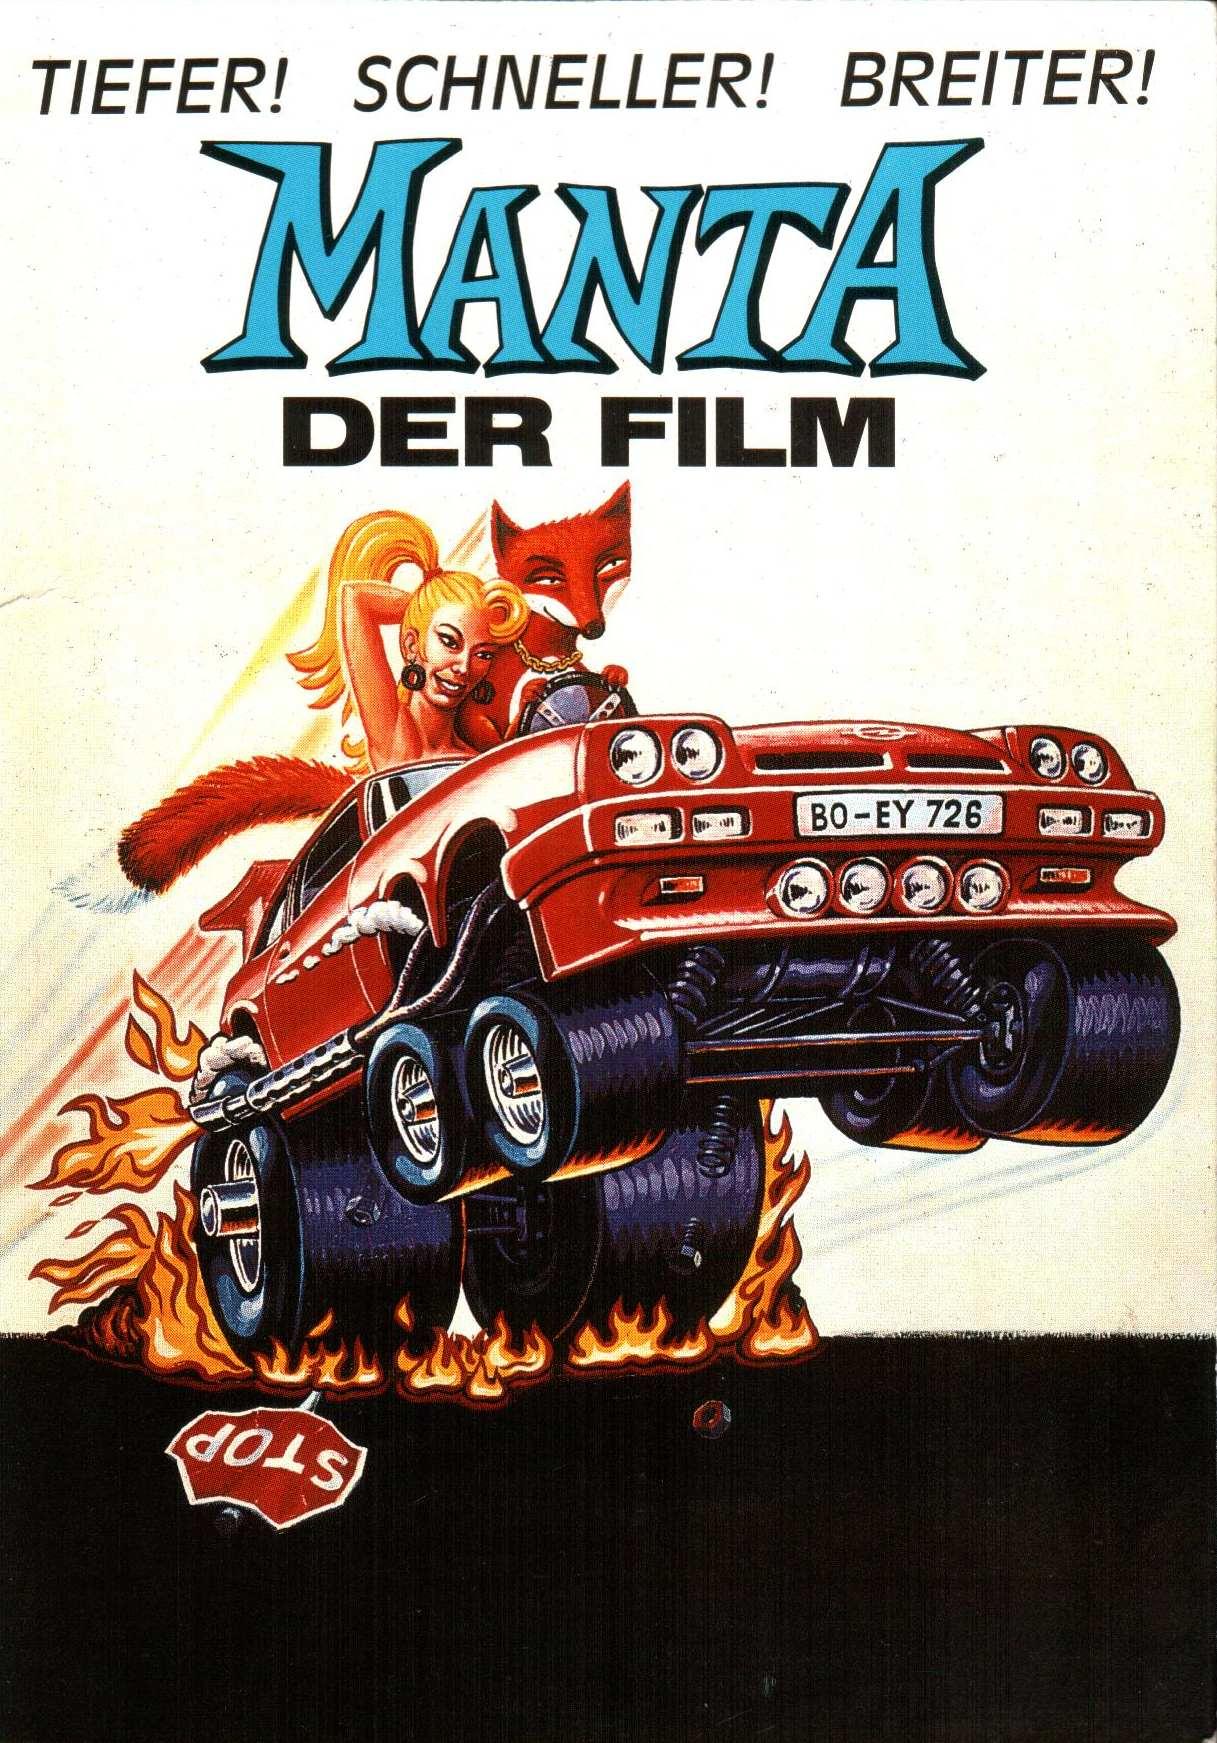 manta-derfilm